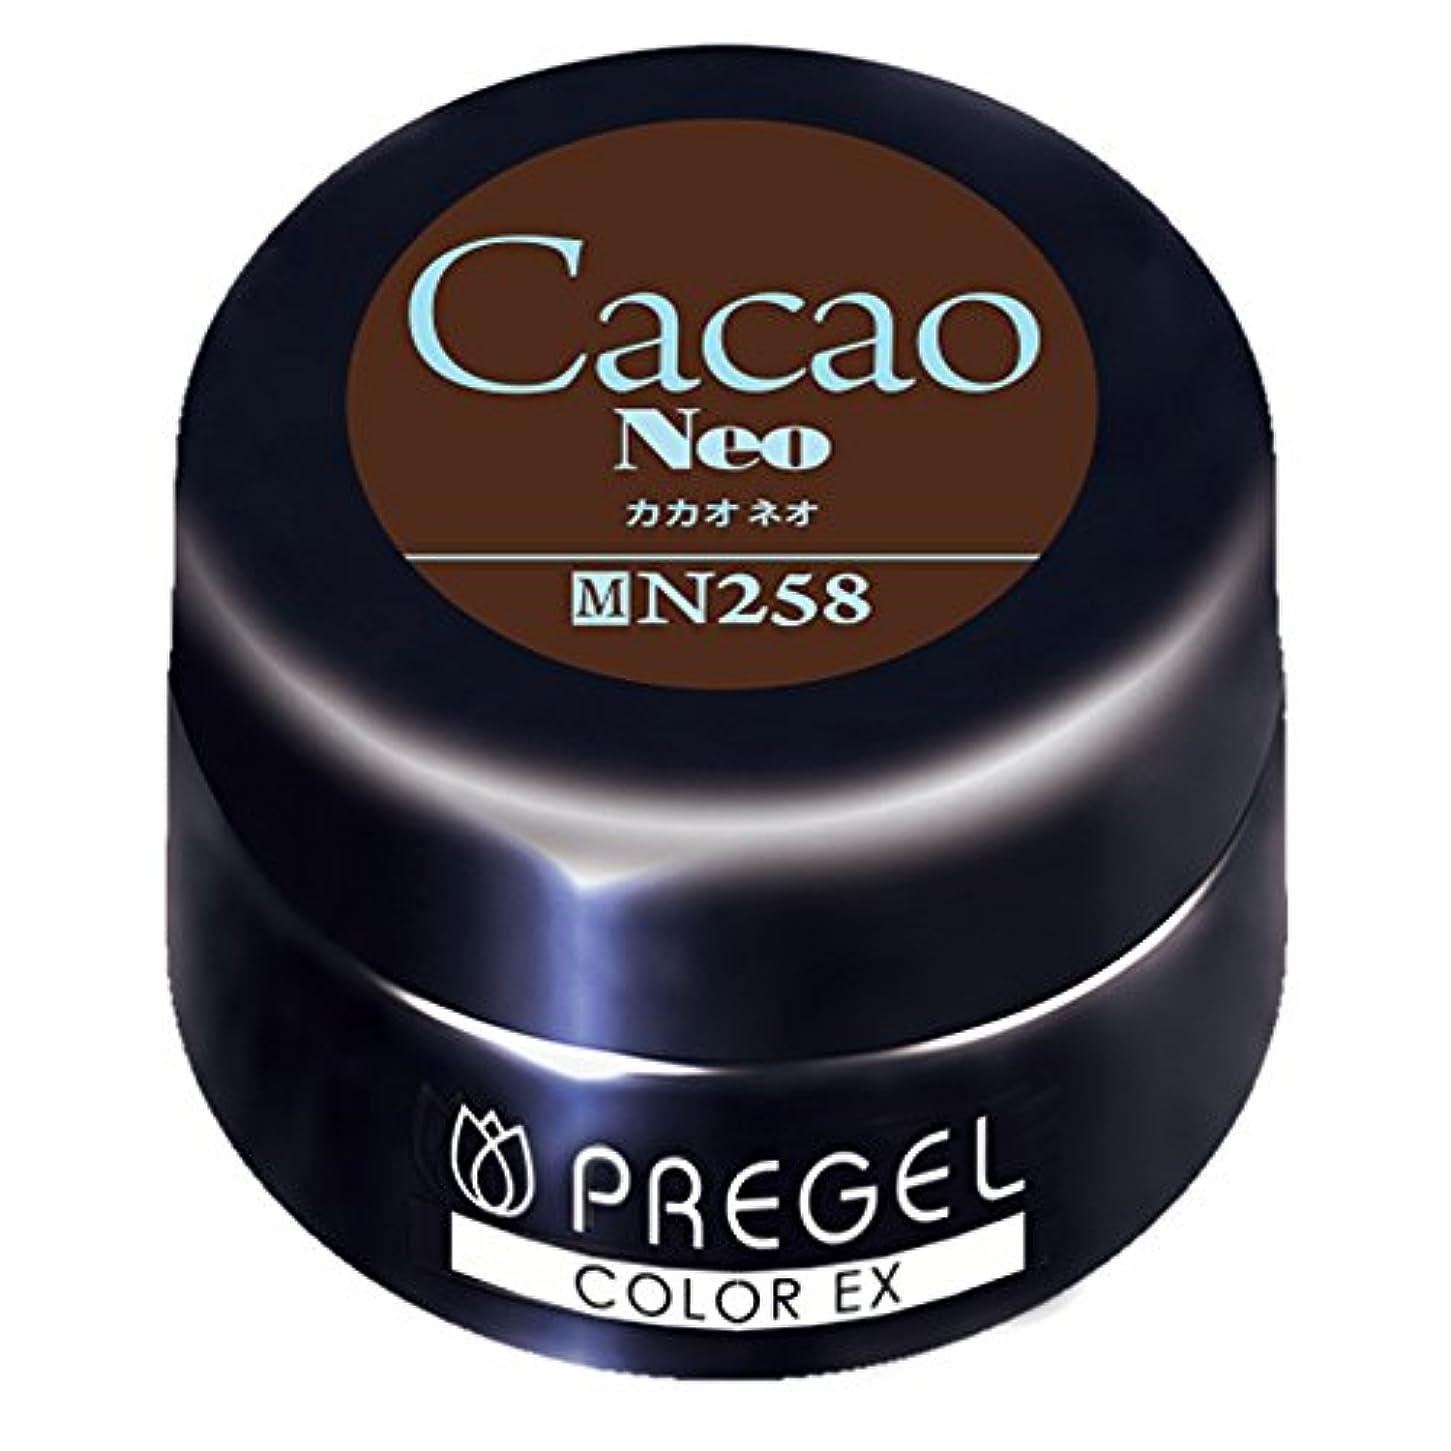 ひどい資格密度PRE GEL カラーEX カカオneo 258 4g UV/LED対応